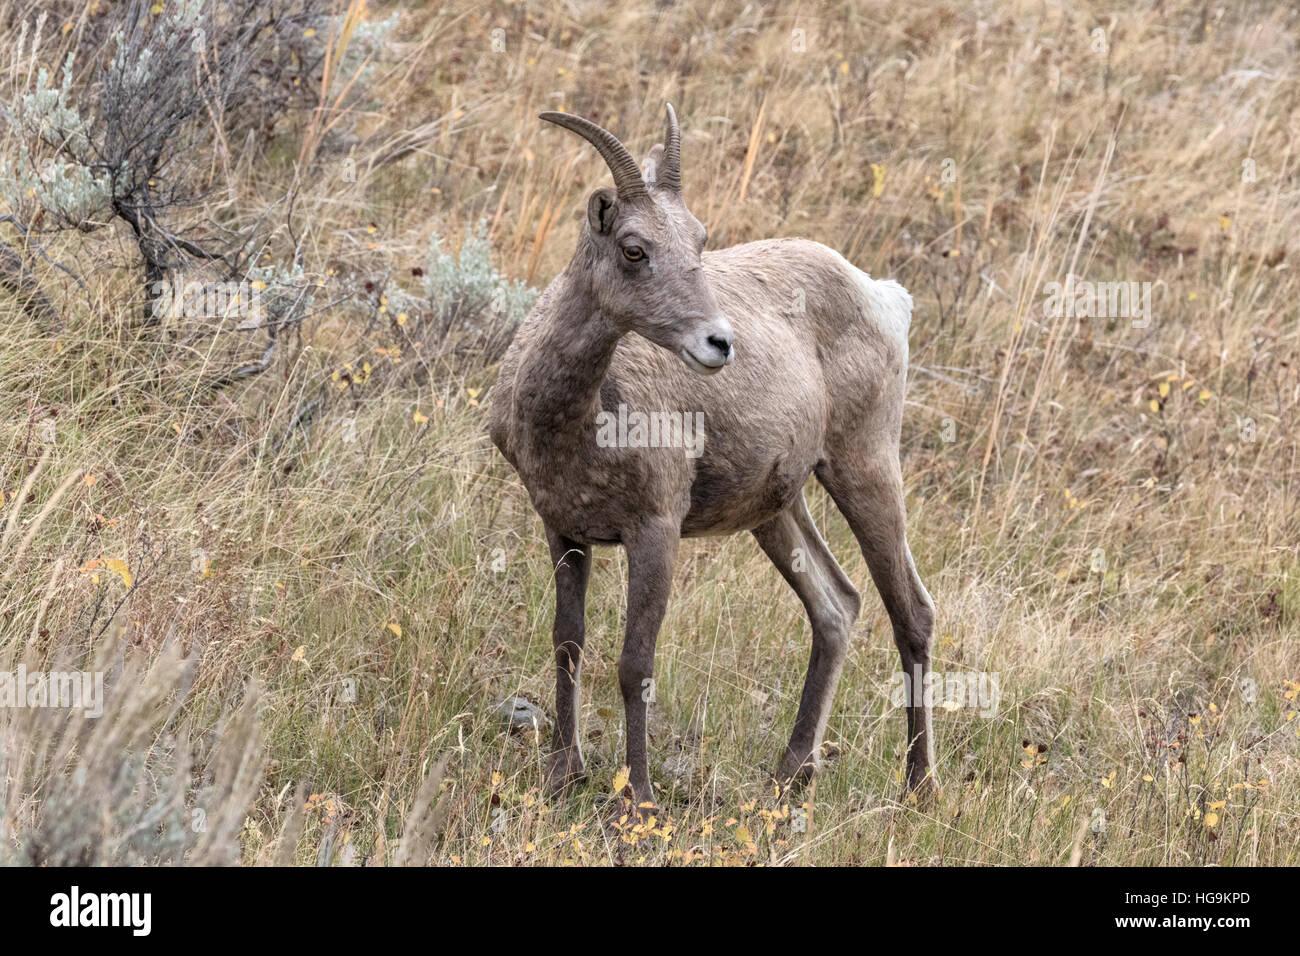 Bighorn Sheep - ewe - Stock Image